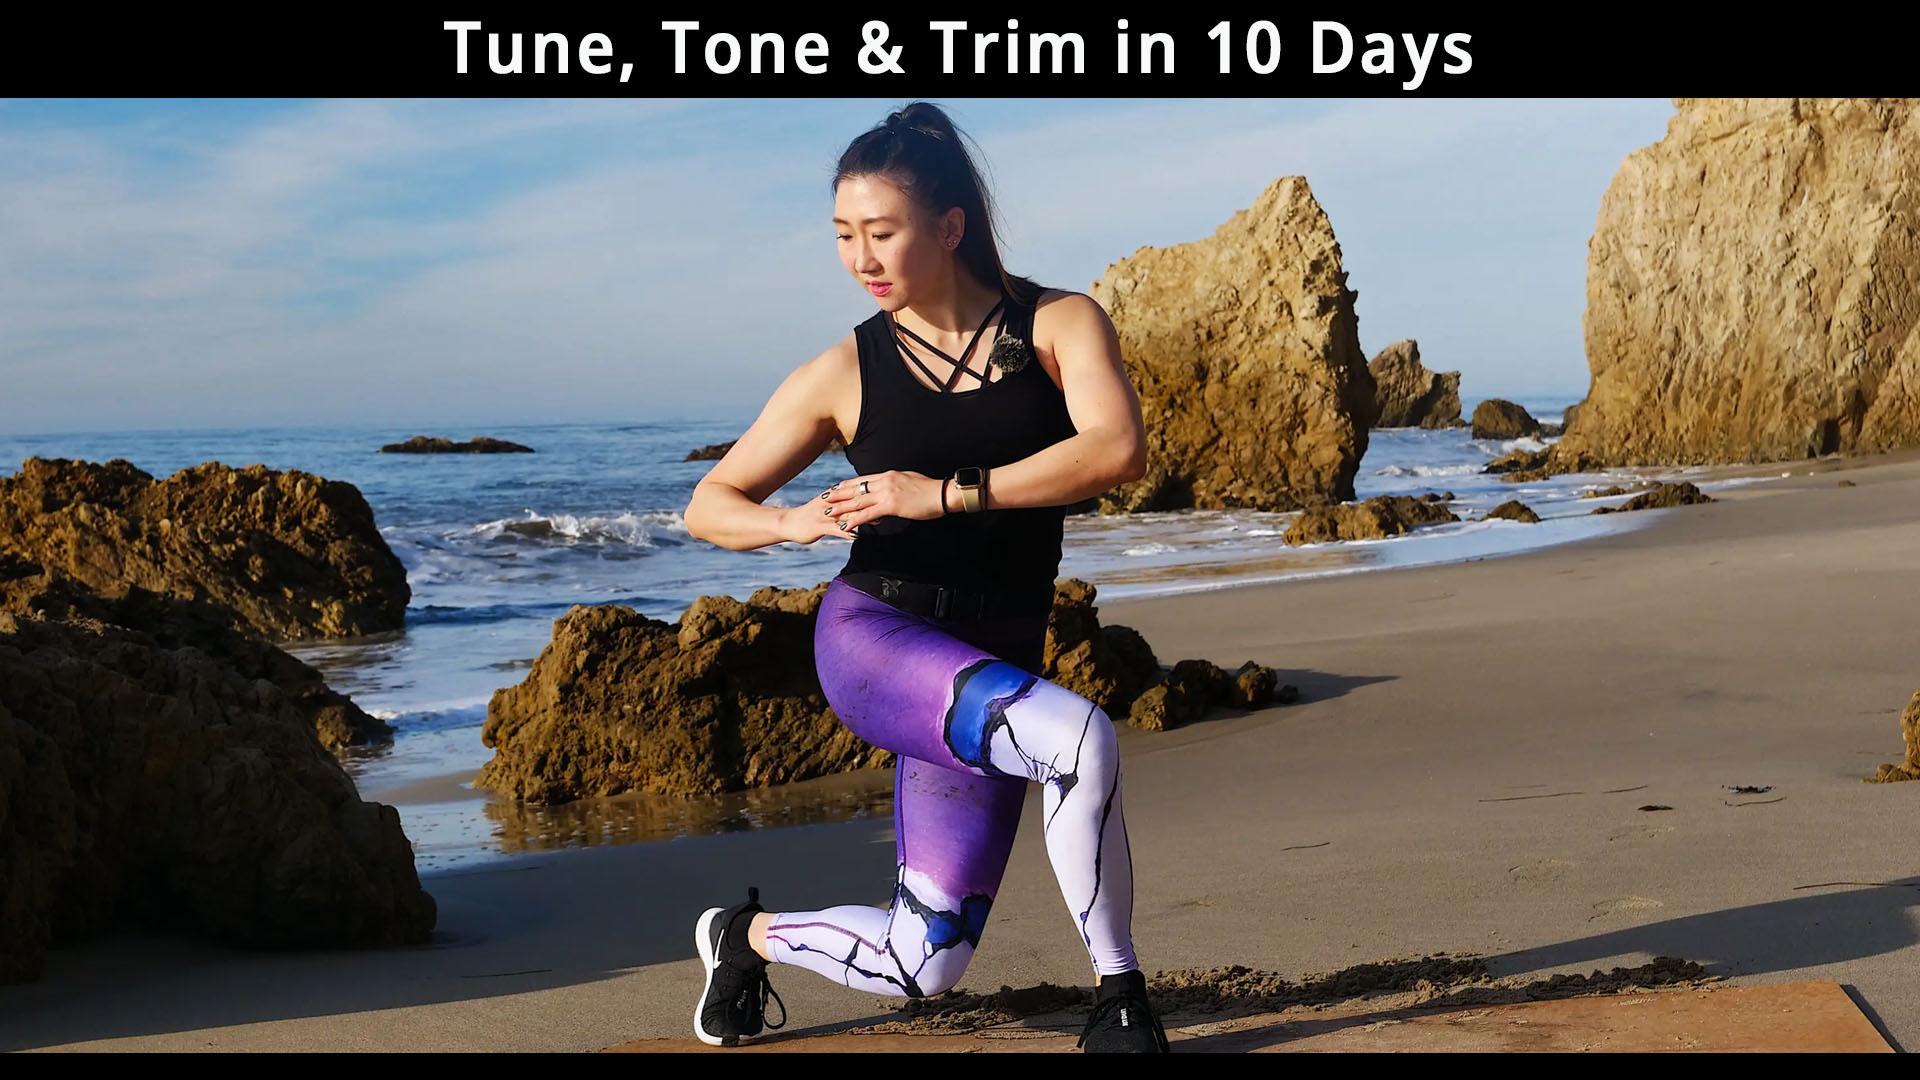 Tune, Tone & Trim in 10 Days